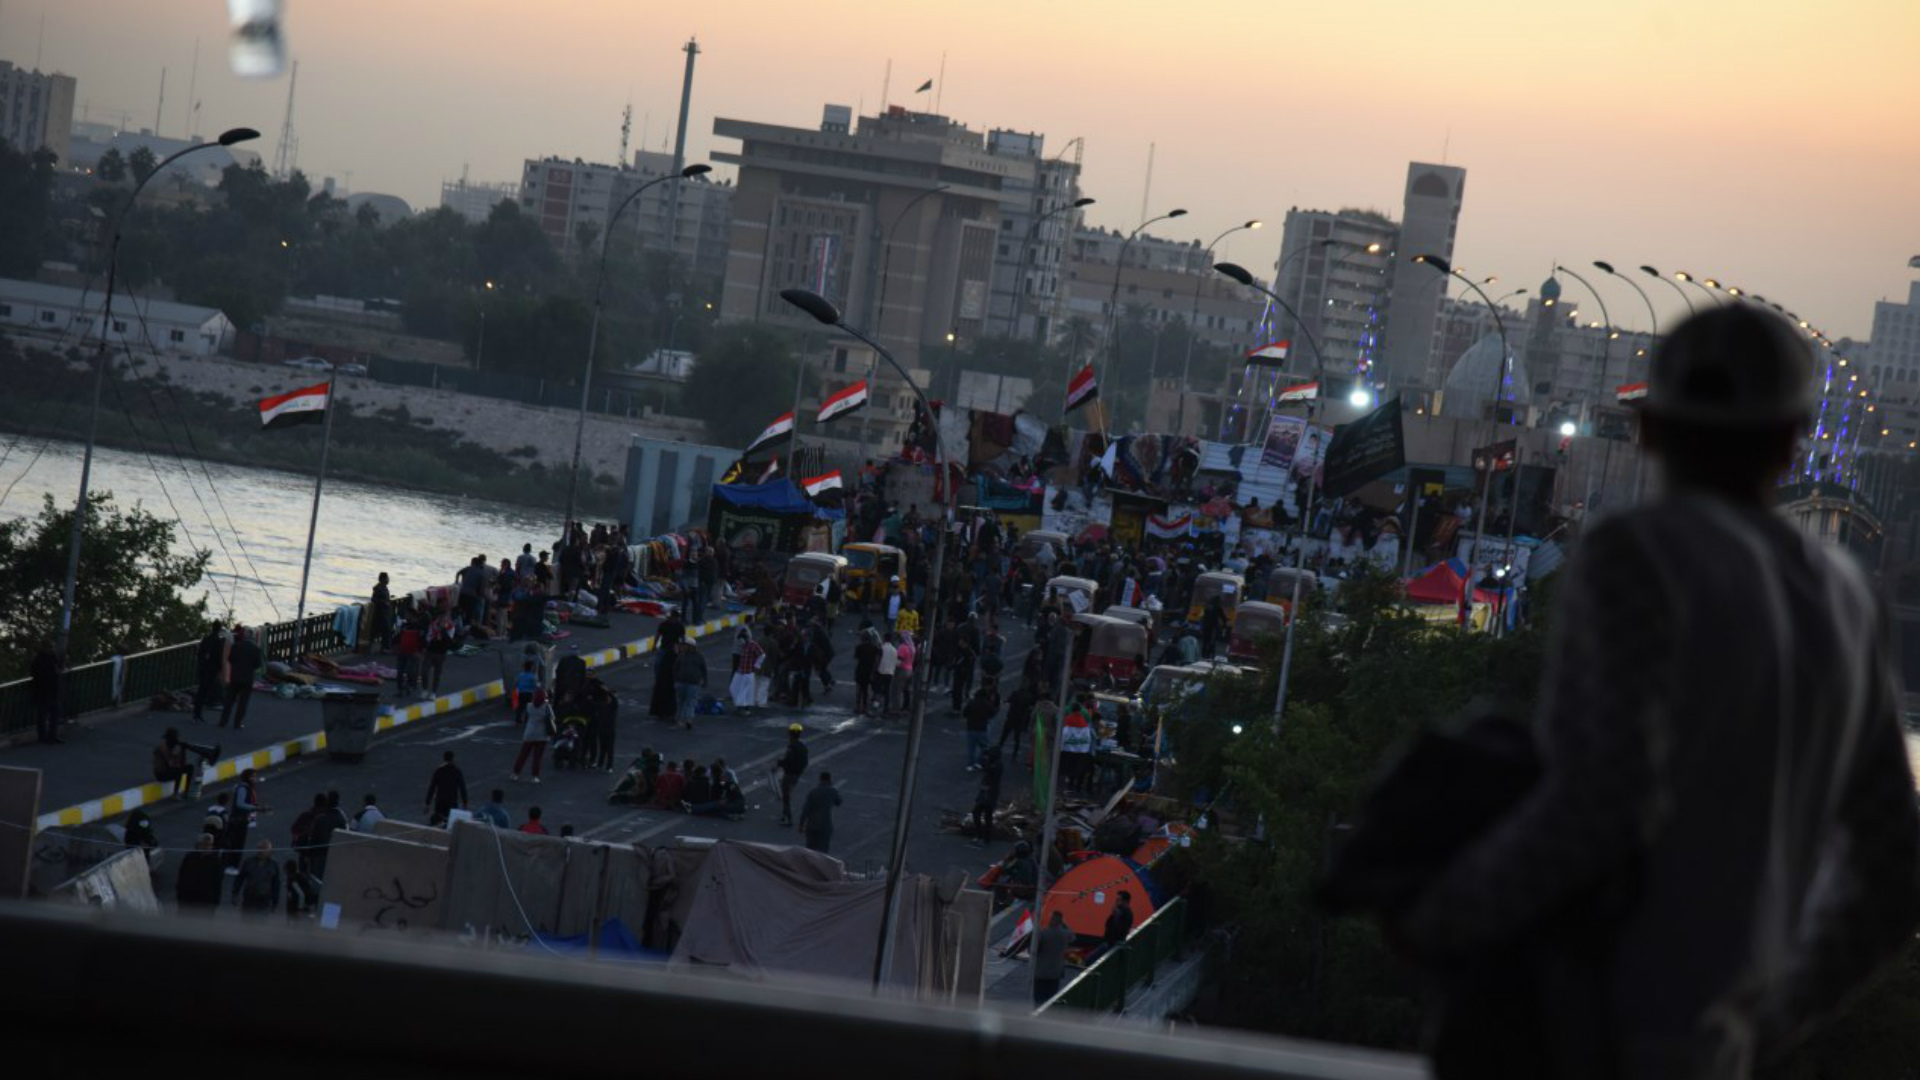 مفوضية حقوق الإنسان ترصد عدد قتلى وجرحى التظاهرات وتطالب بإطلاق سراح الموقوفين